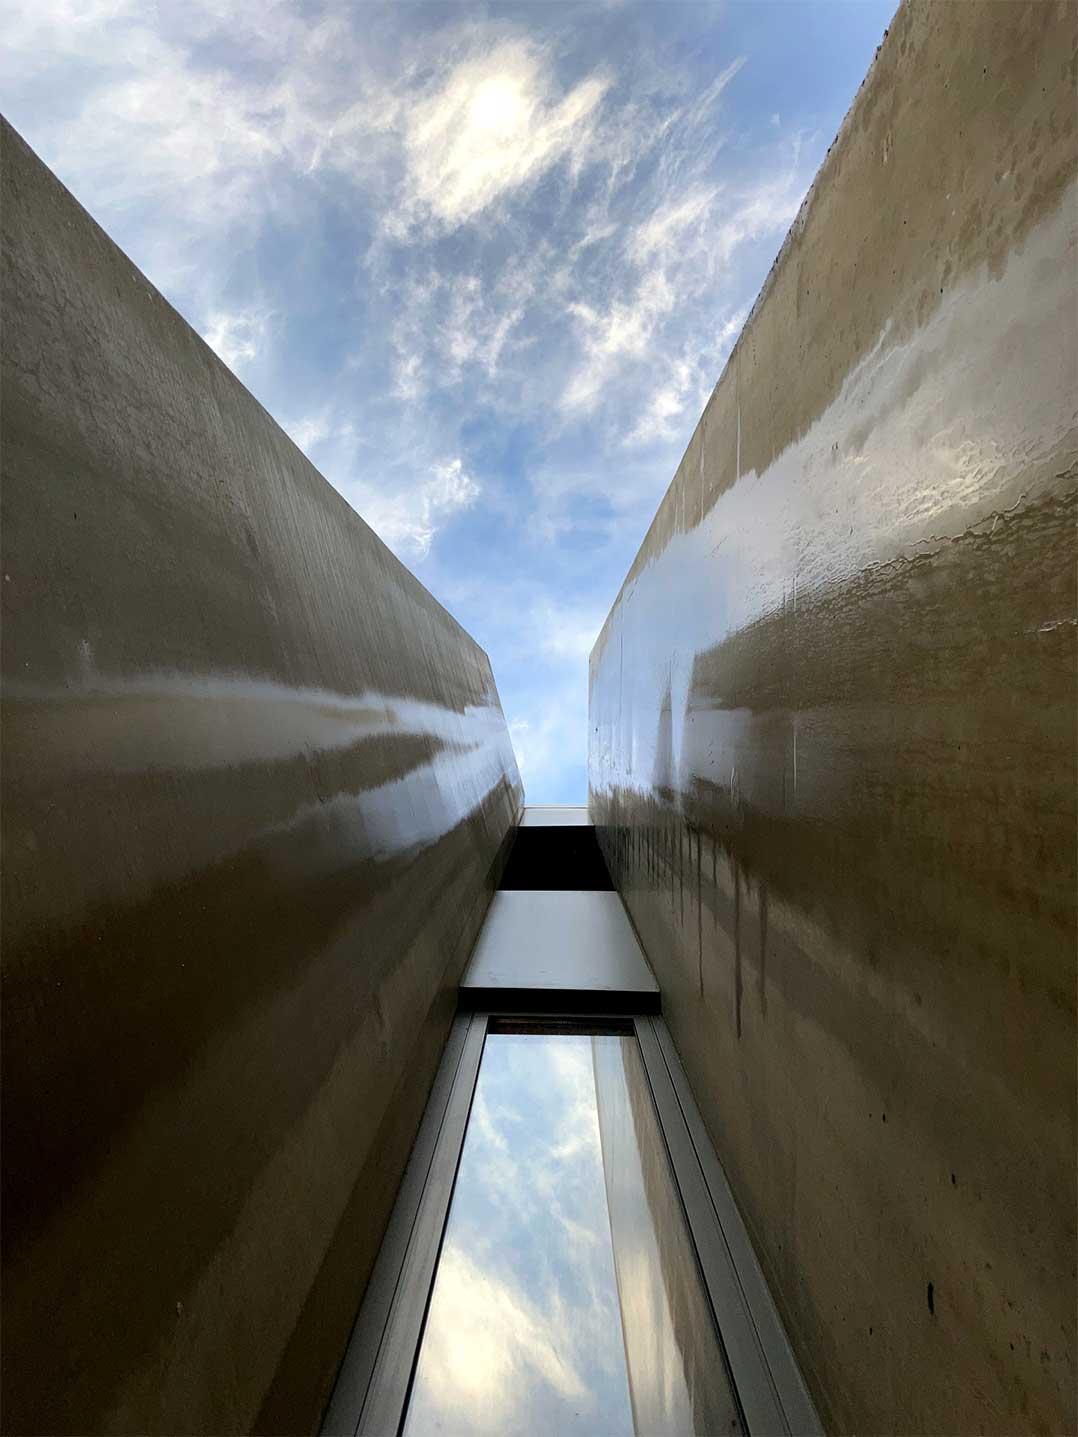 pared de un edificio que se alza hasta el cielo